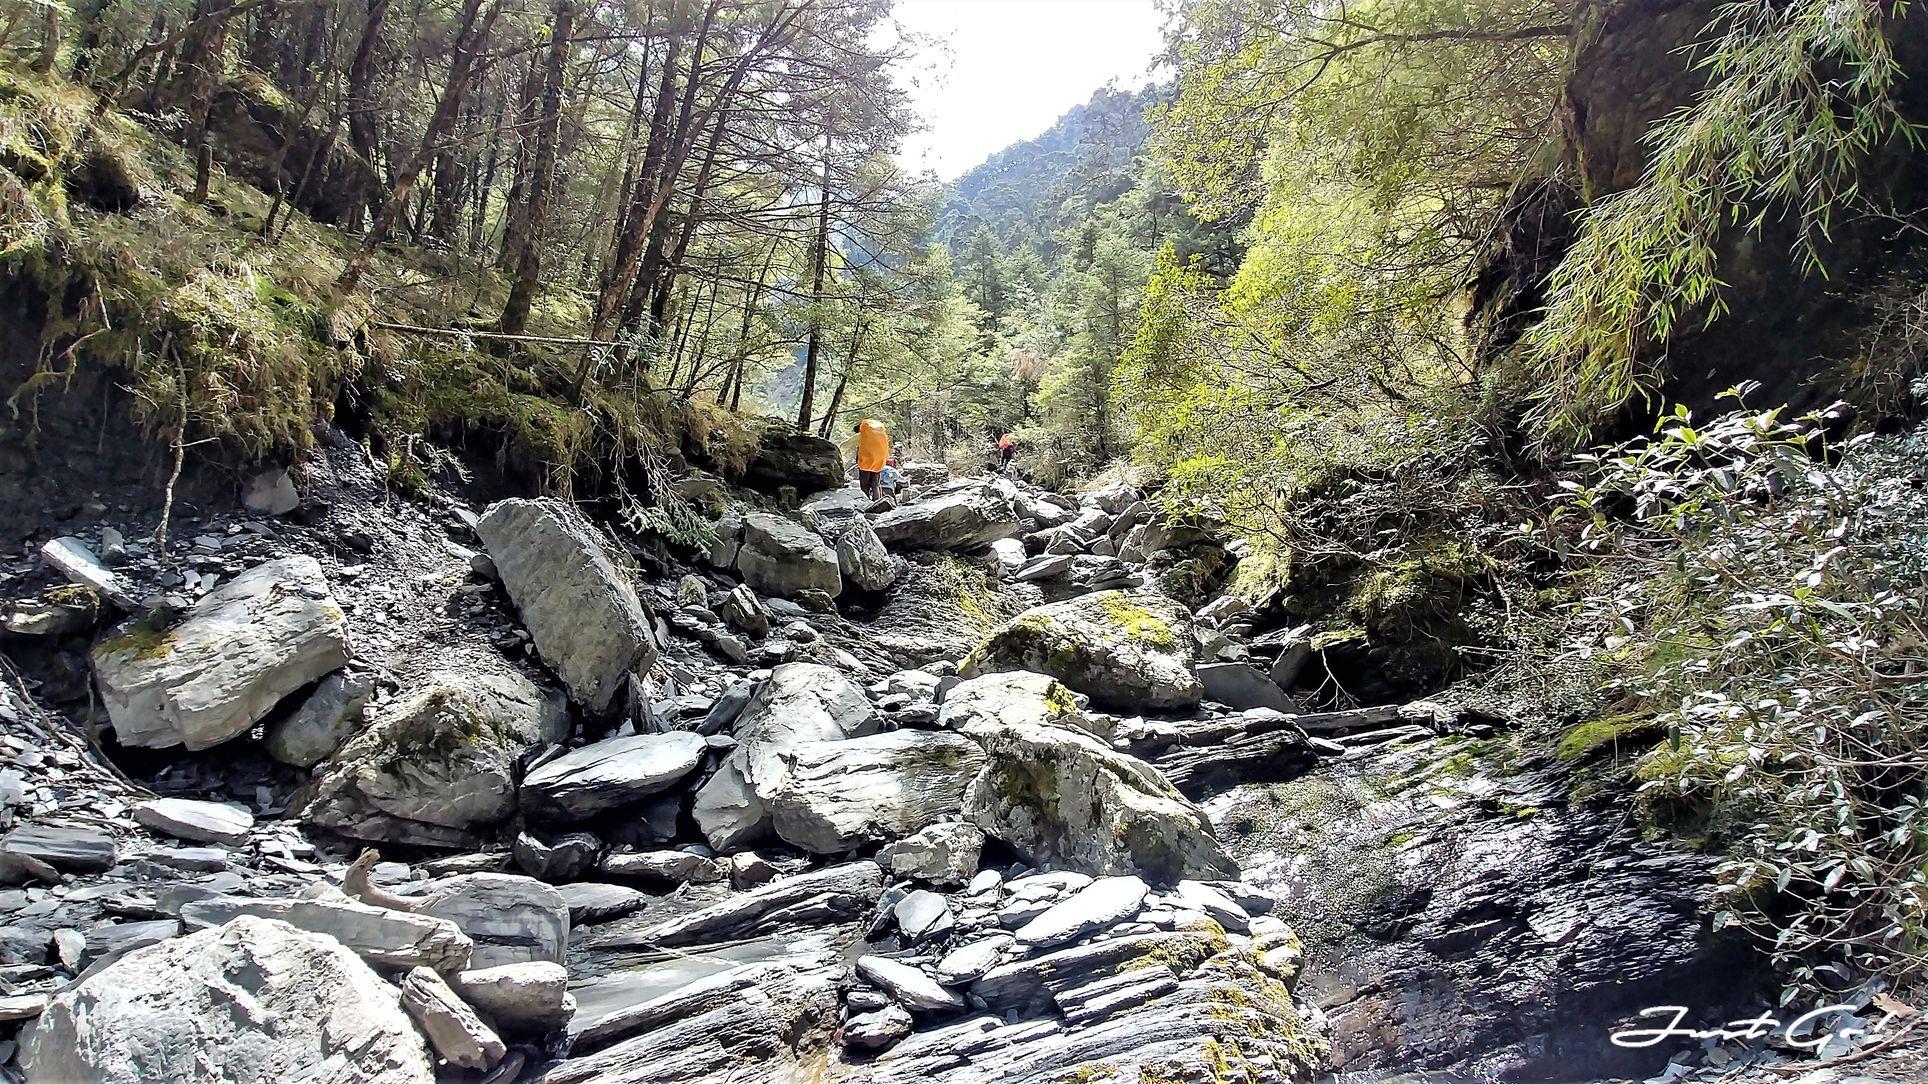 台灣 - 黃金色的奇萊主北·2天1夜紀事-gpx路線、行程、申請、水源13